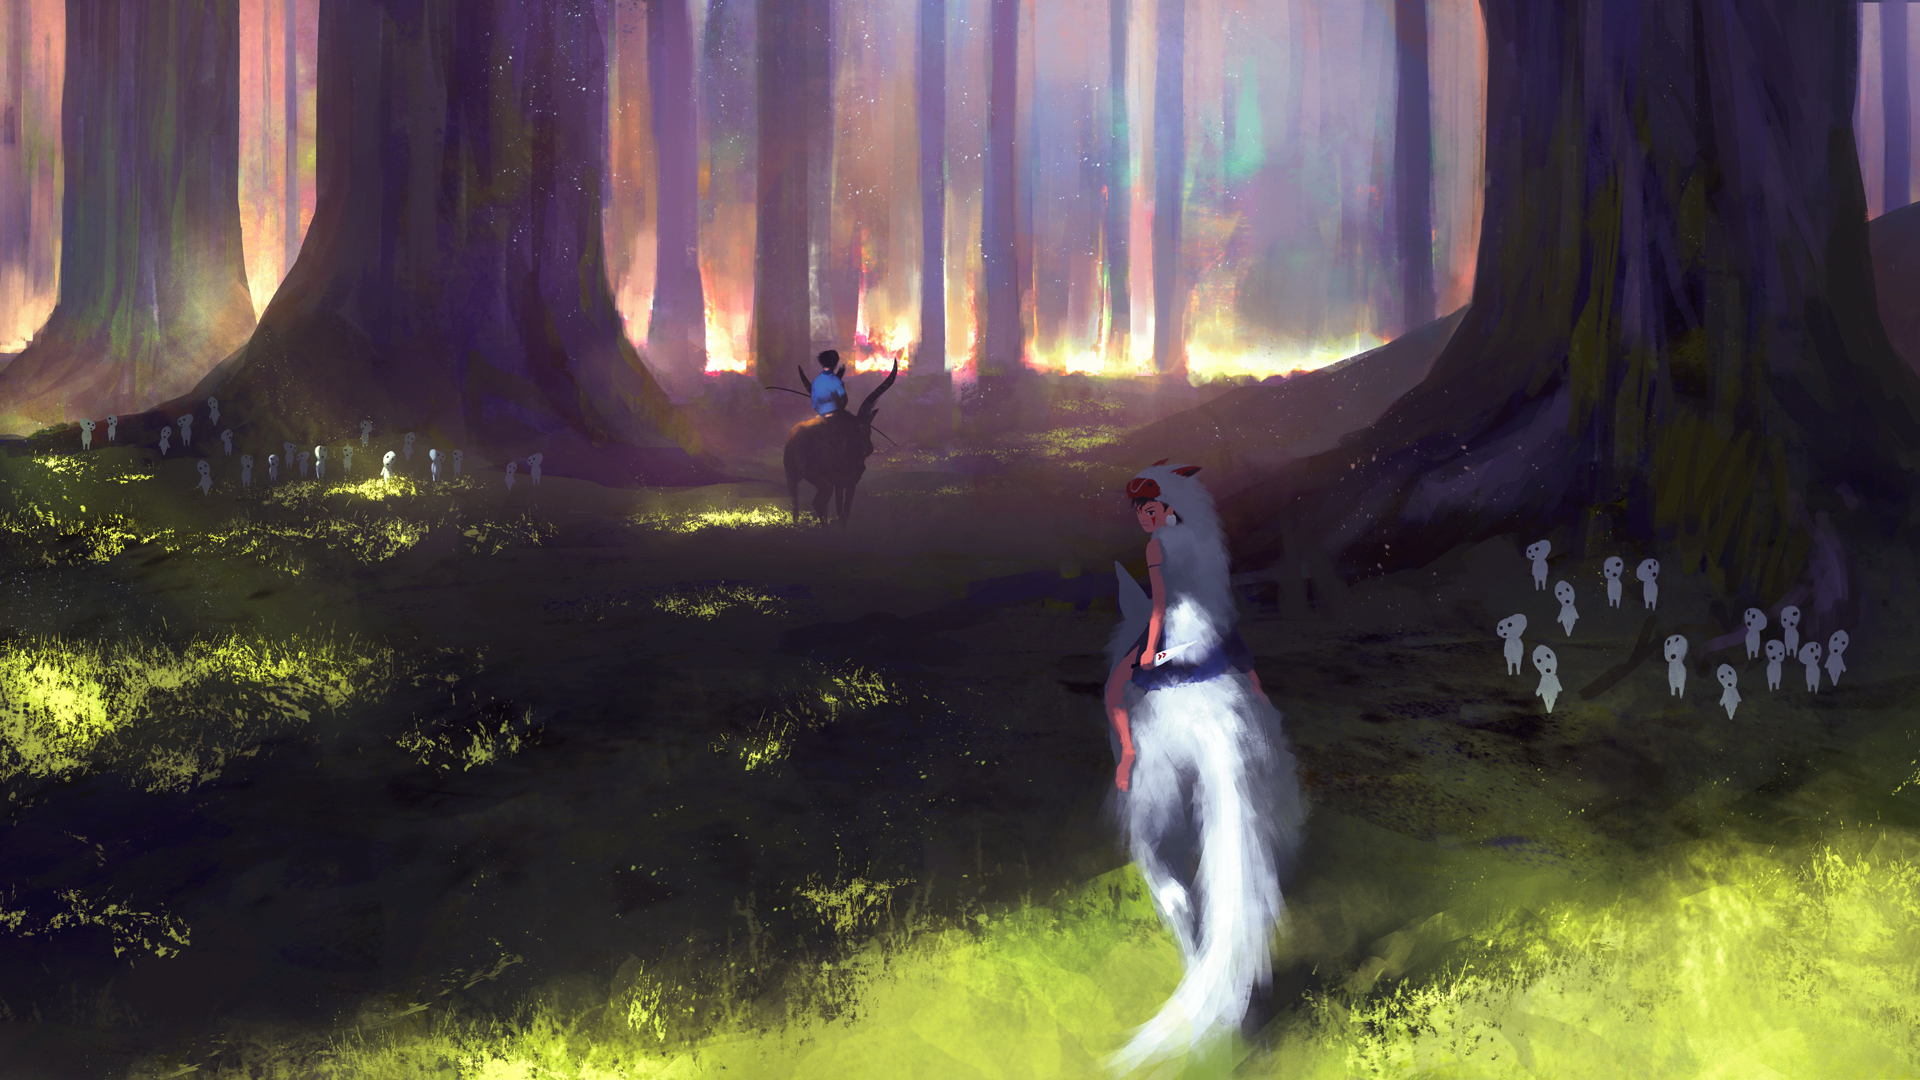 壁紙 1920x1080 もののけ姫 森林 アニメ ダウンロード 写真